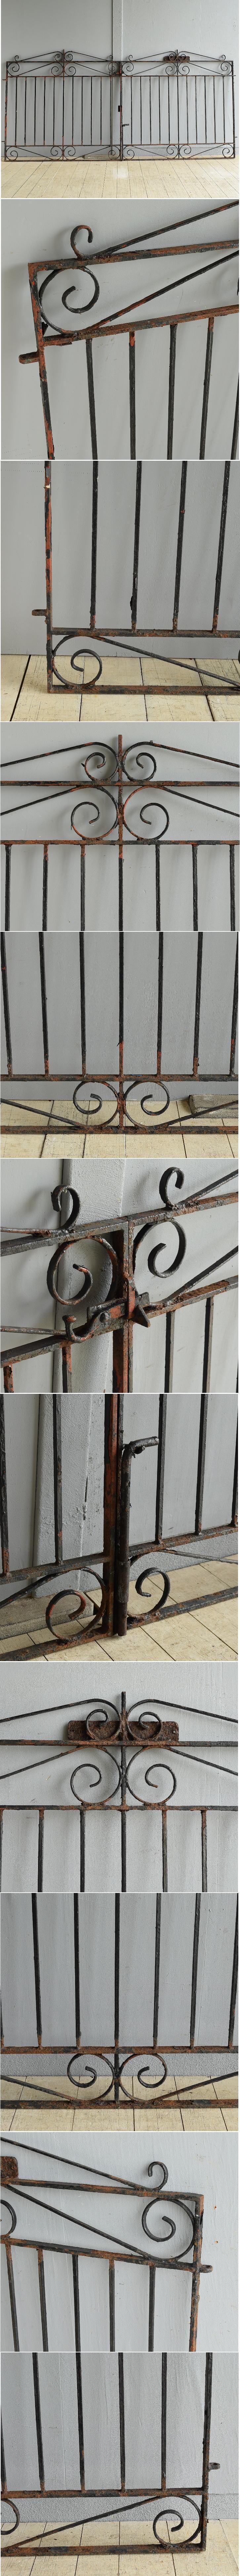 イギリス アンティーク アイアンフェンス ゲート柵 8059